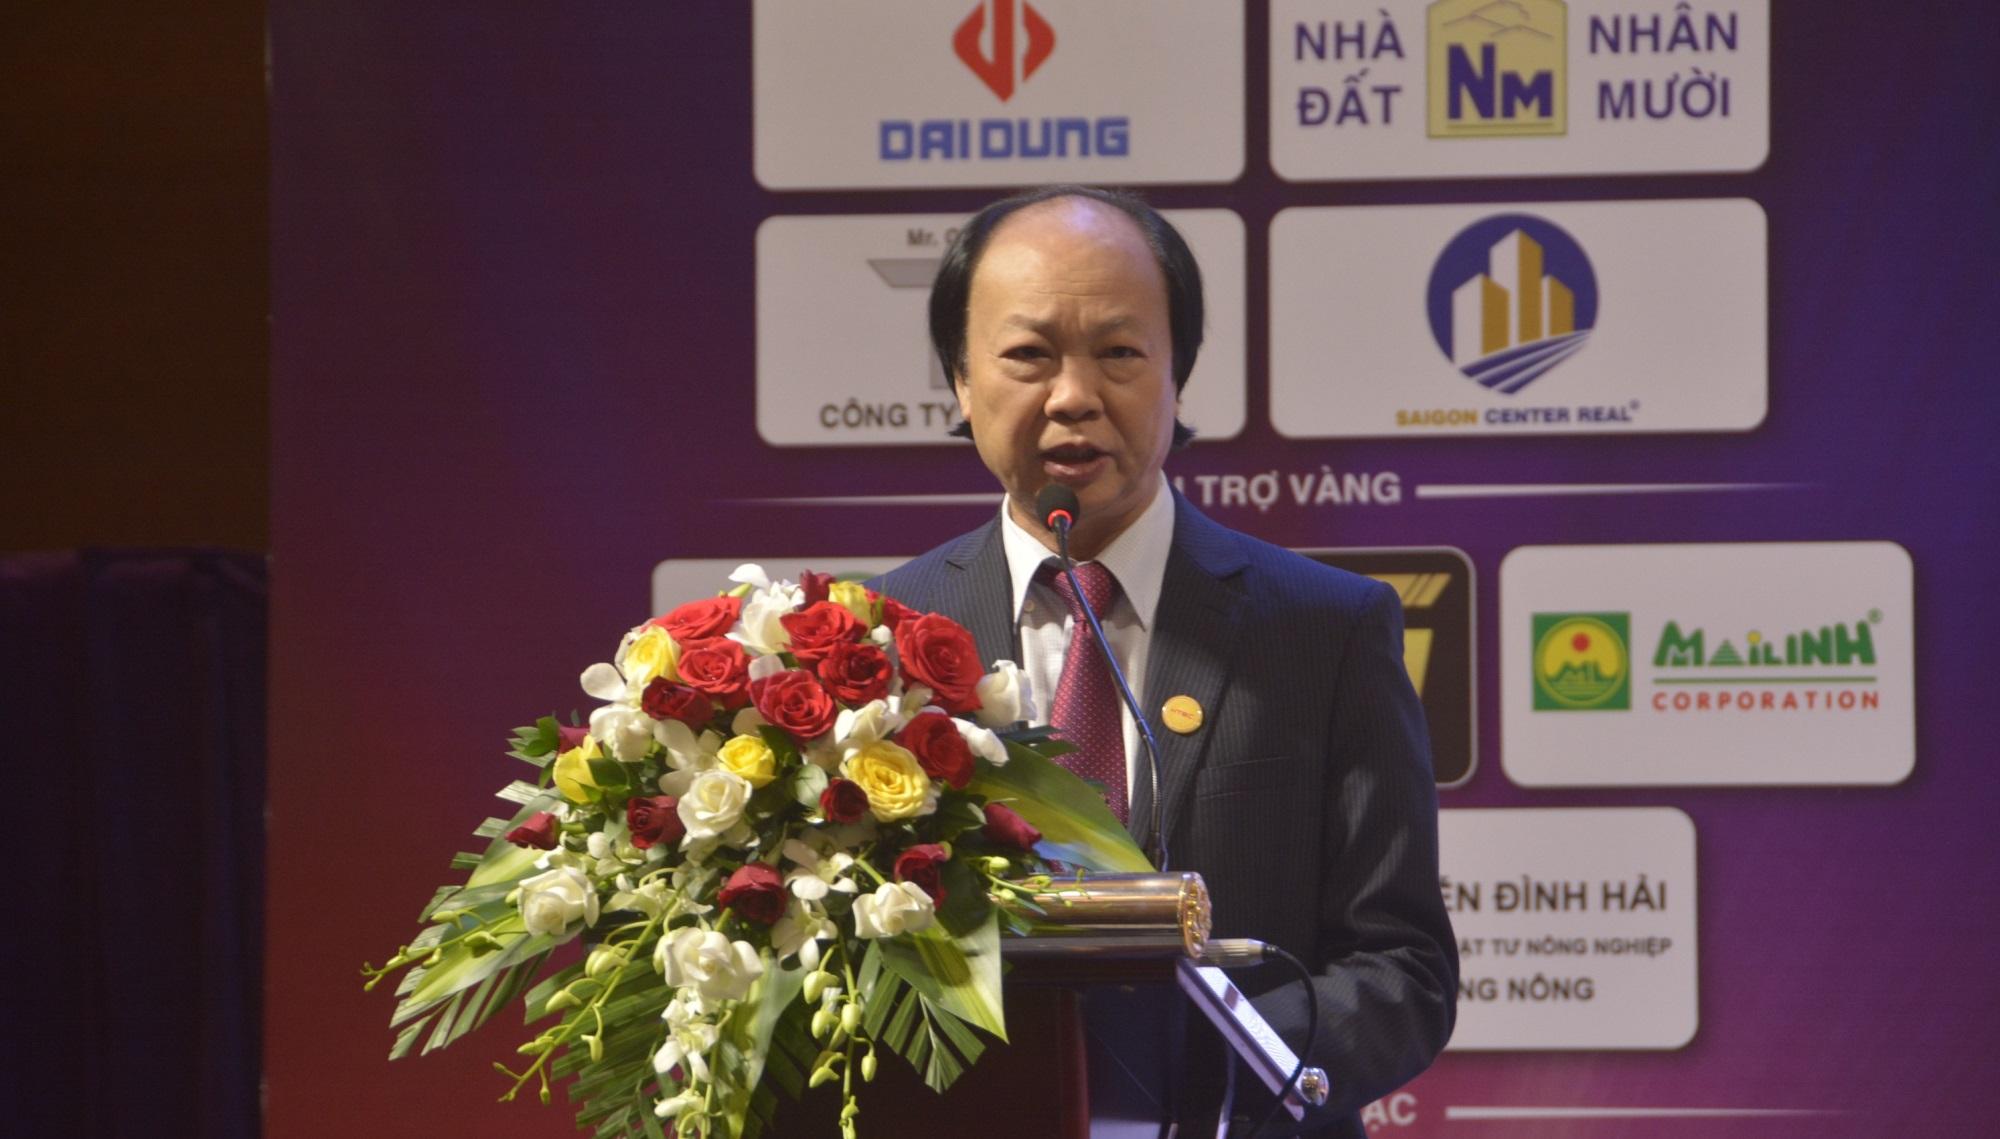 Câu lạc bộ Doanh nhân Thanh Hoá tại TP.HCM kỷ niệm 10 năm thành lập và ra mắt Ban chấp hành mới - Ảnh 2